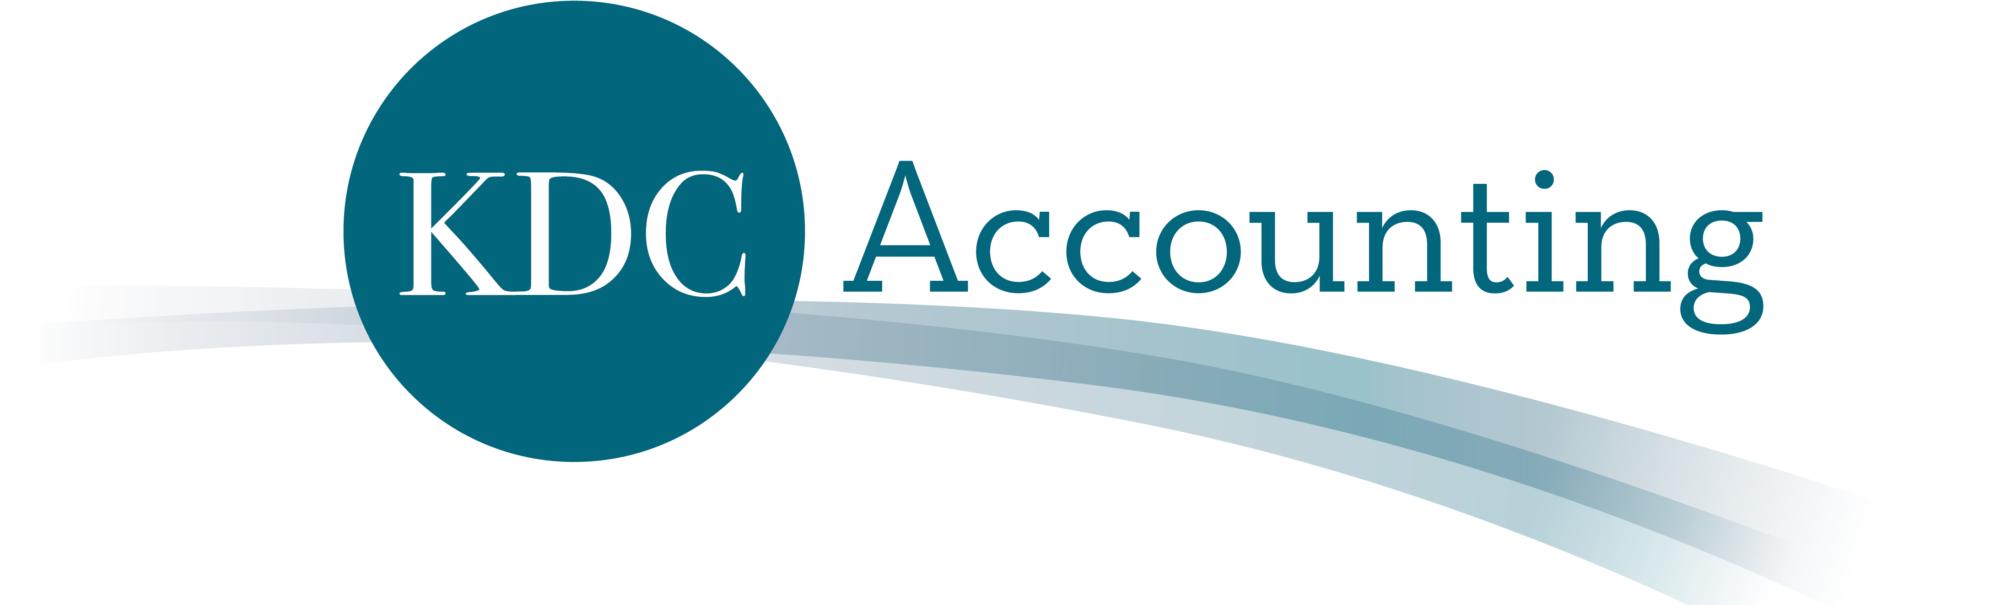 KDC Accounting